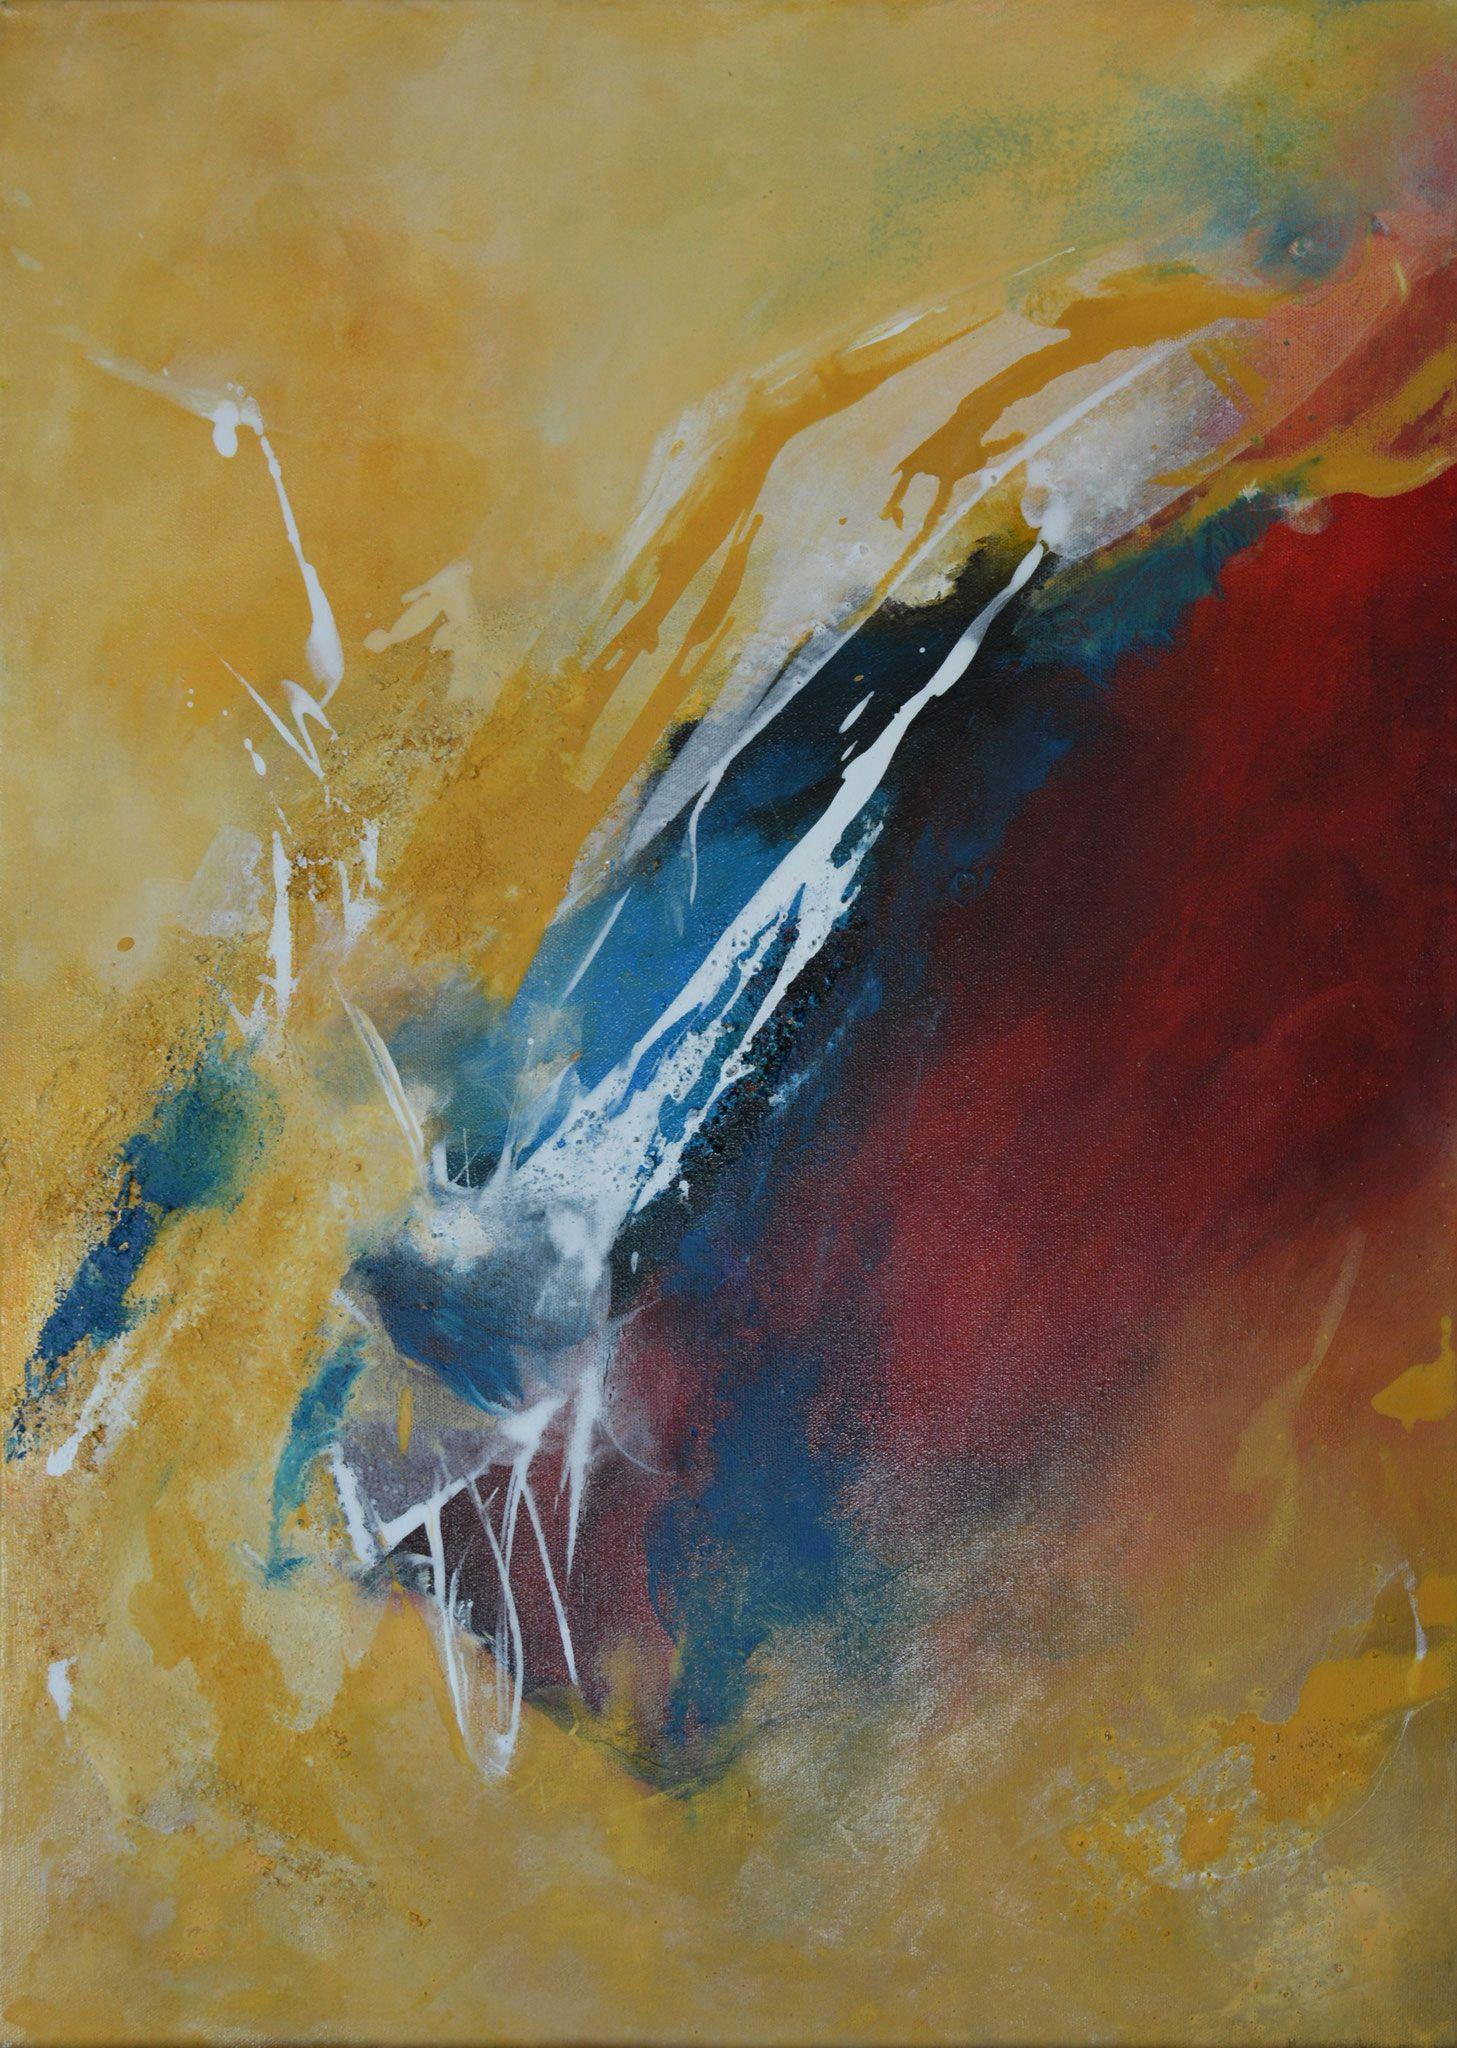 Abstrakt, Acrylbild auf Leinwand, Rot, Lichter Ocker, Blau ...